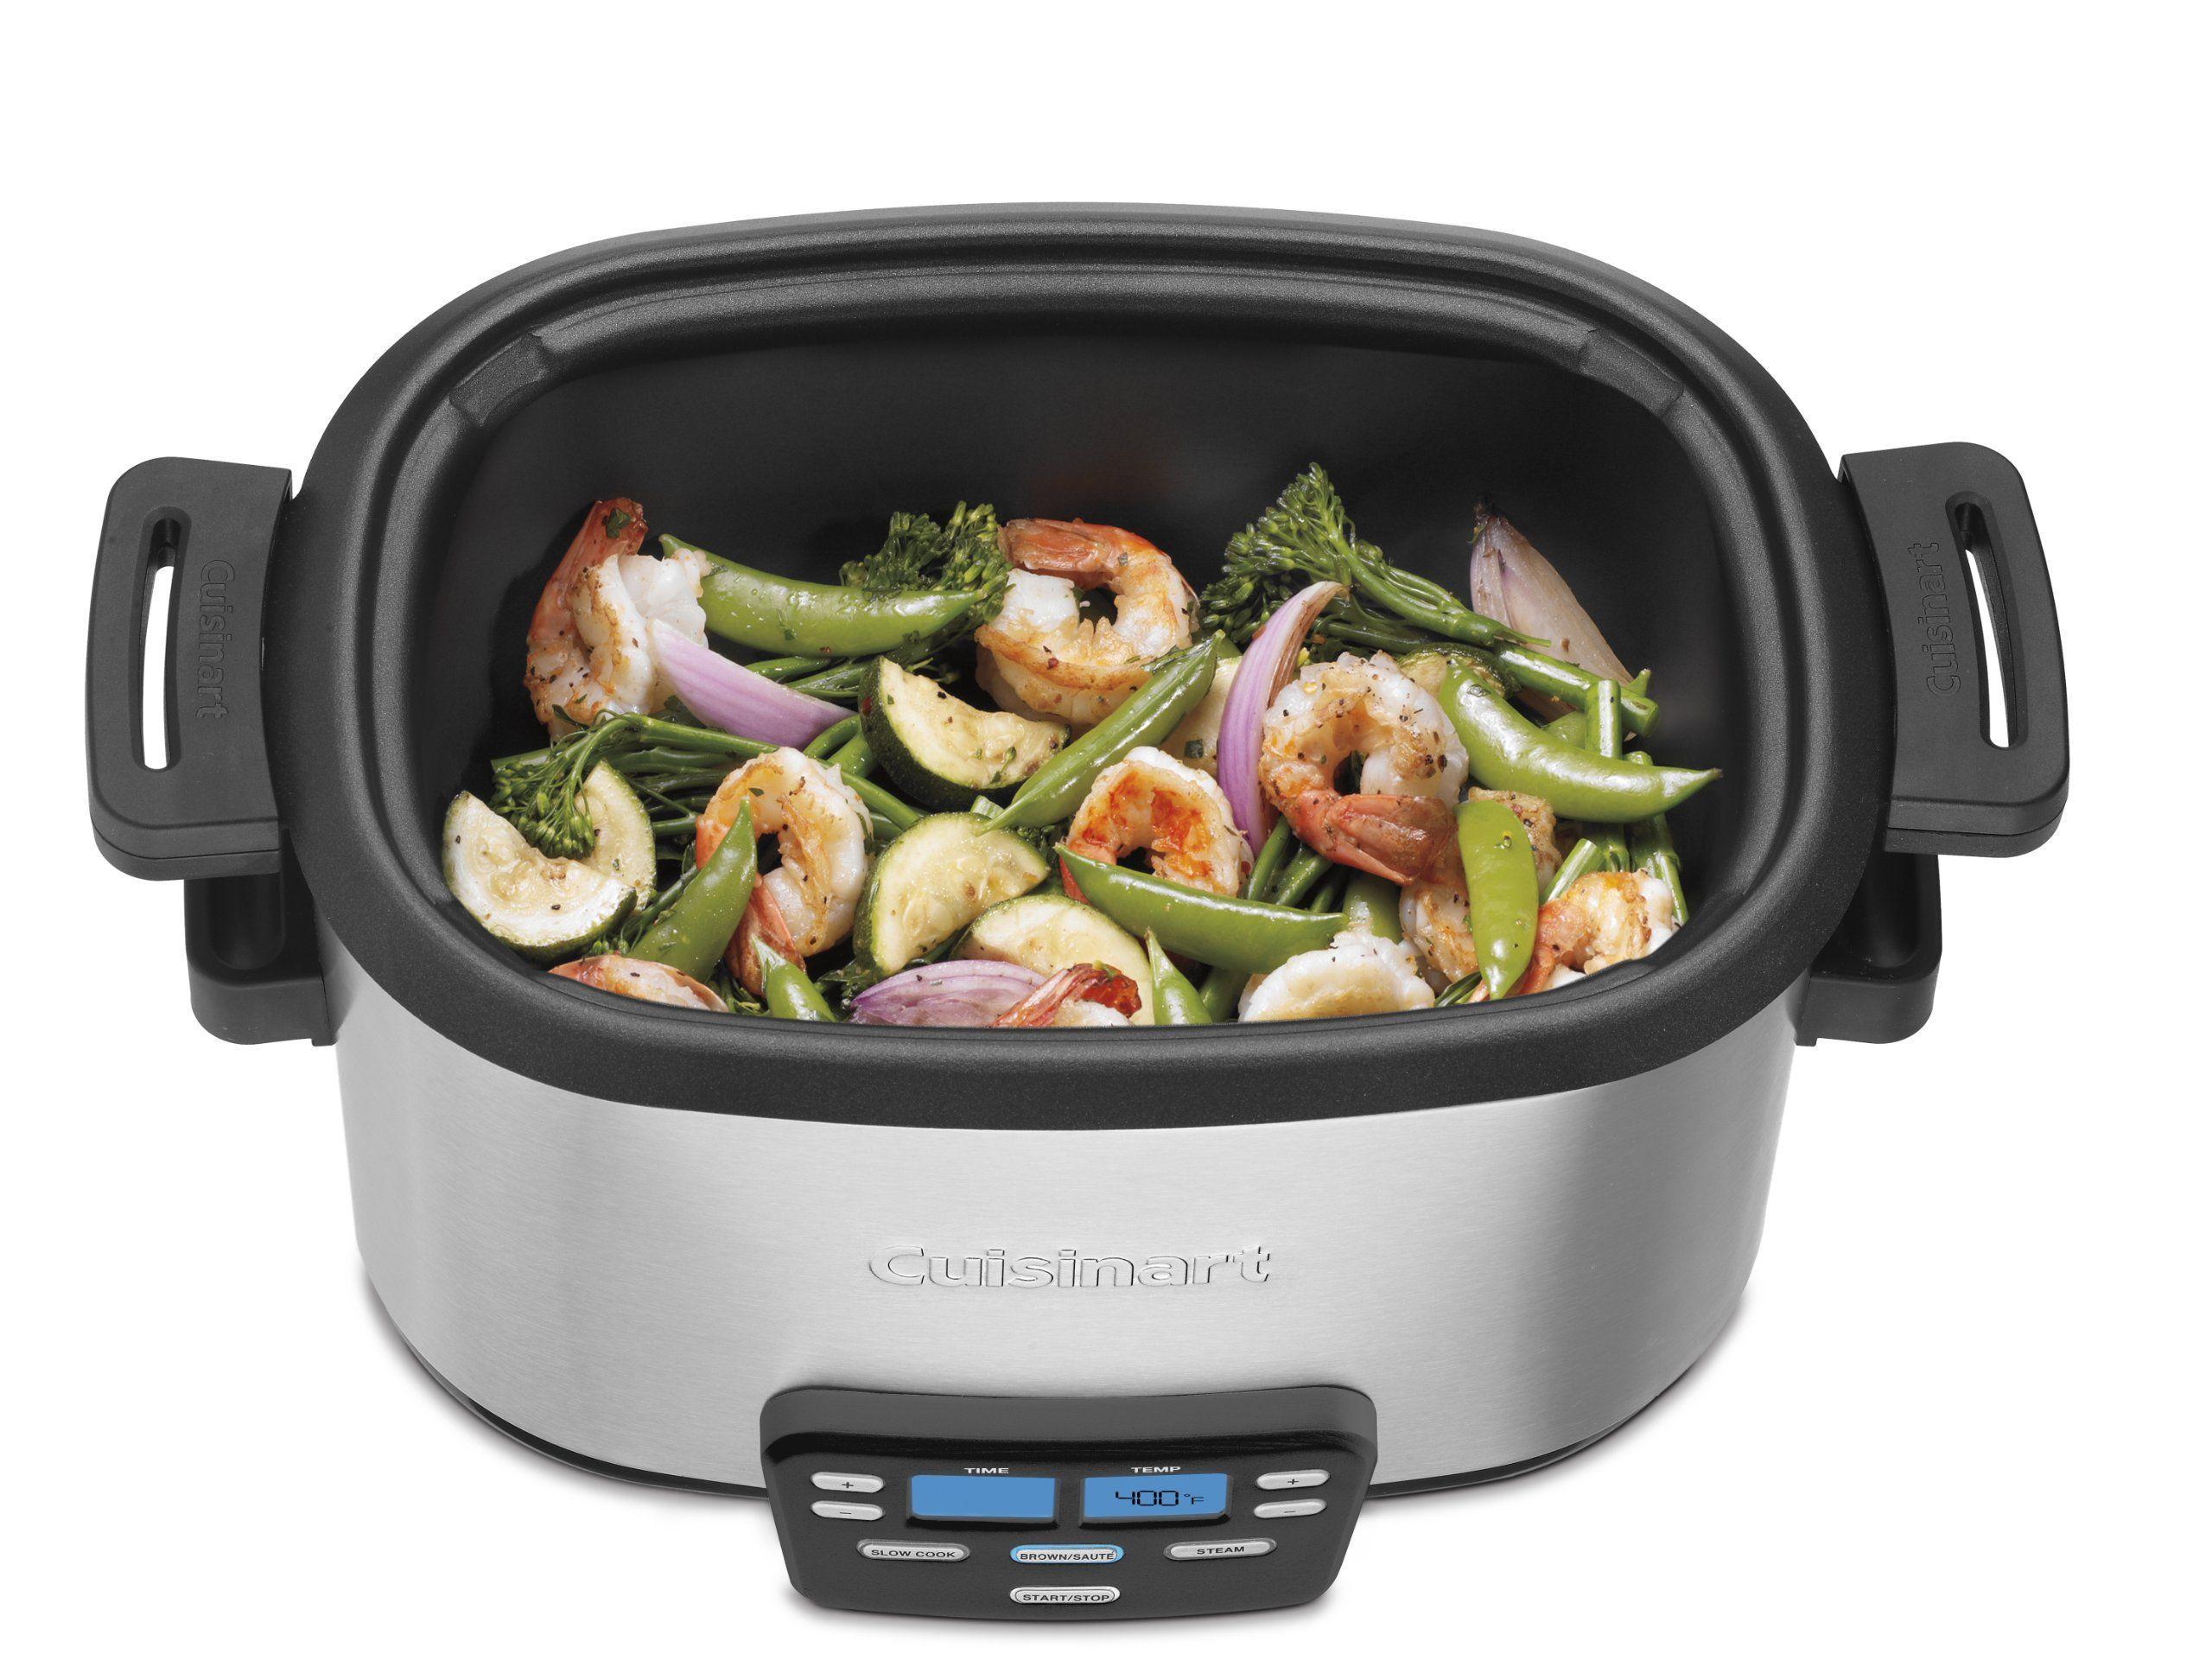 Cuisinart msc600 cooking slow cooker